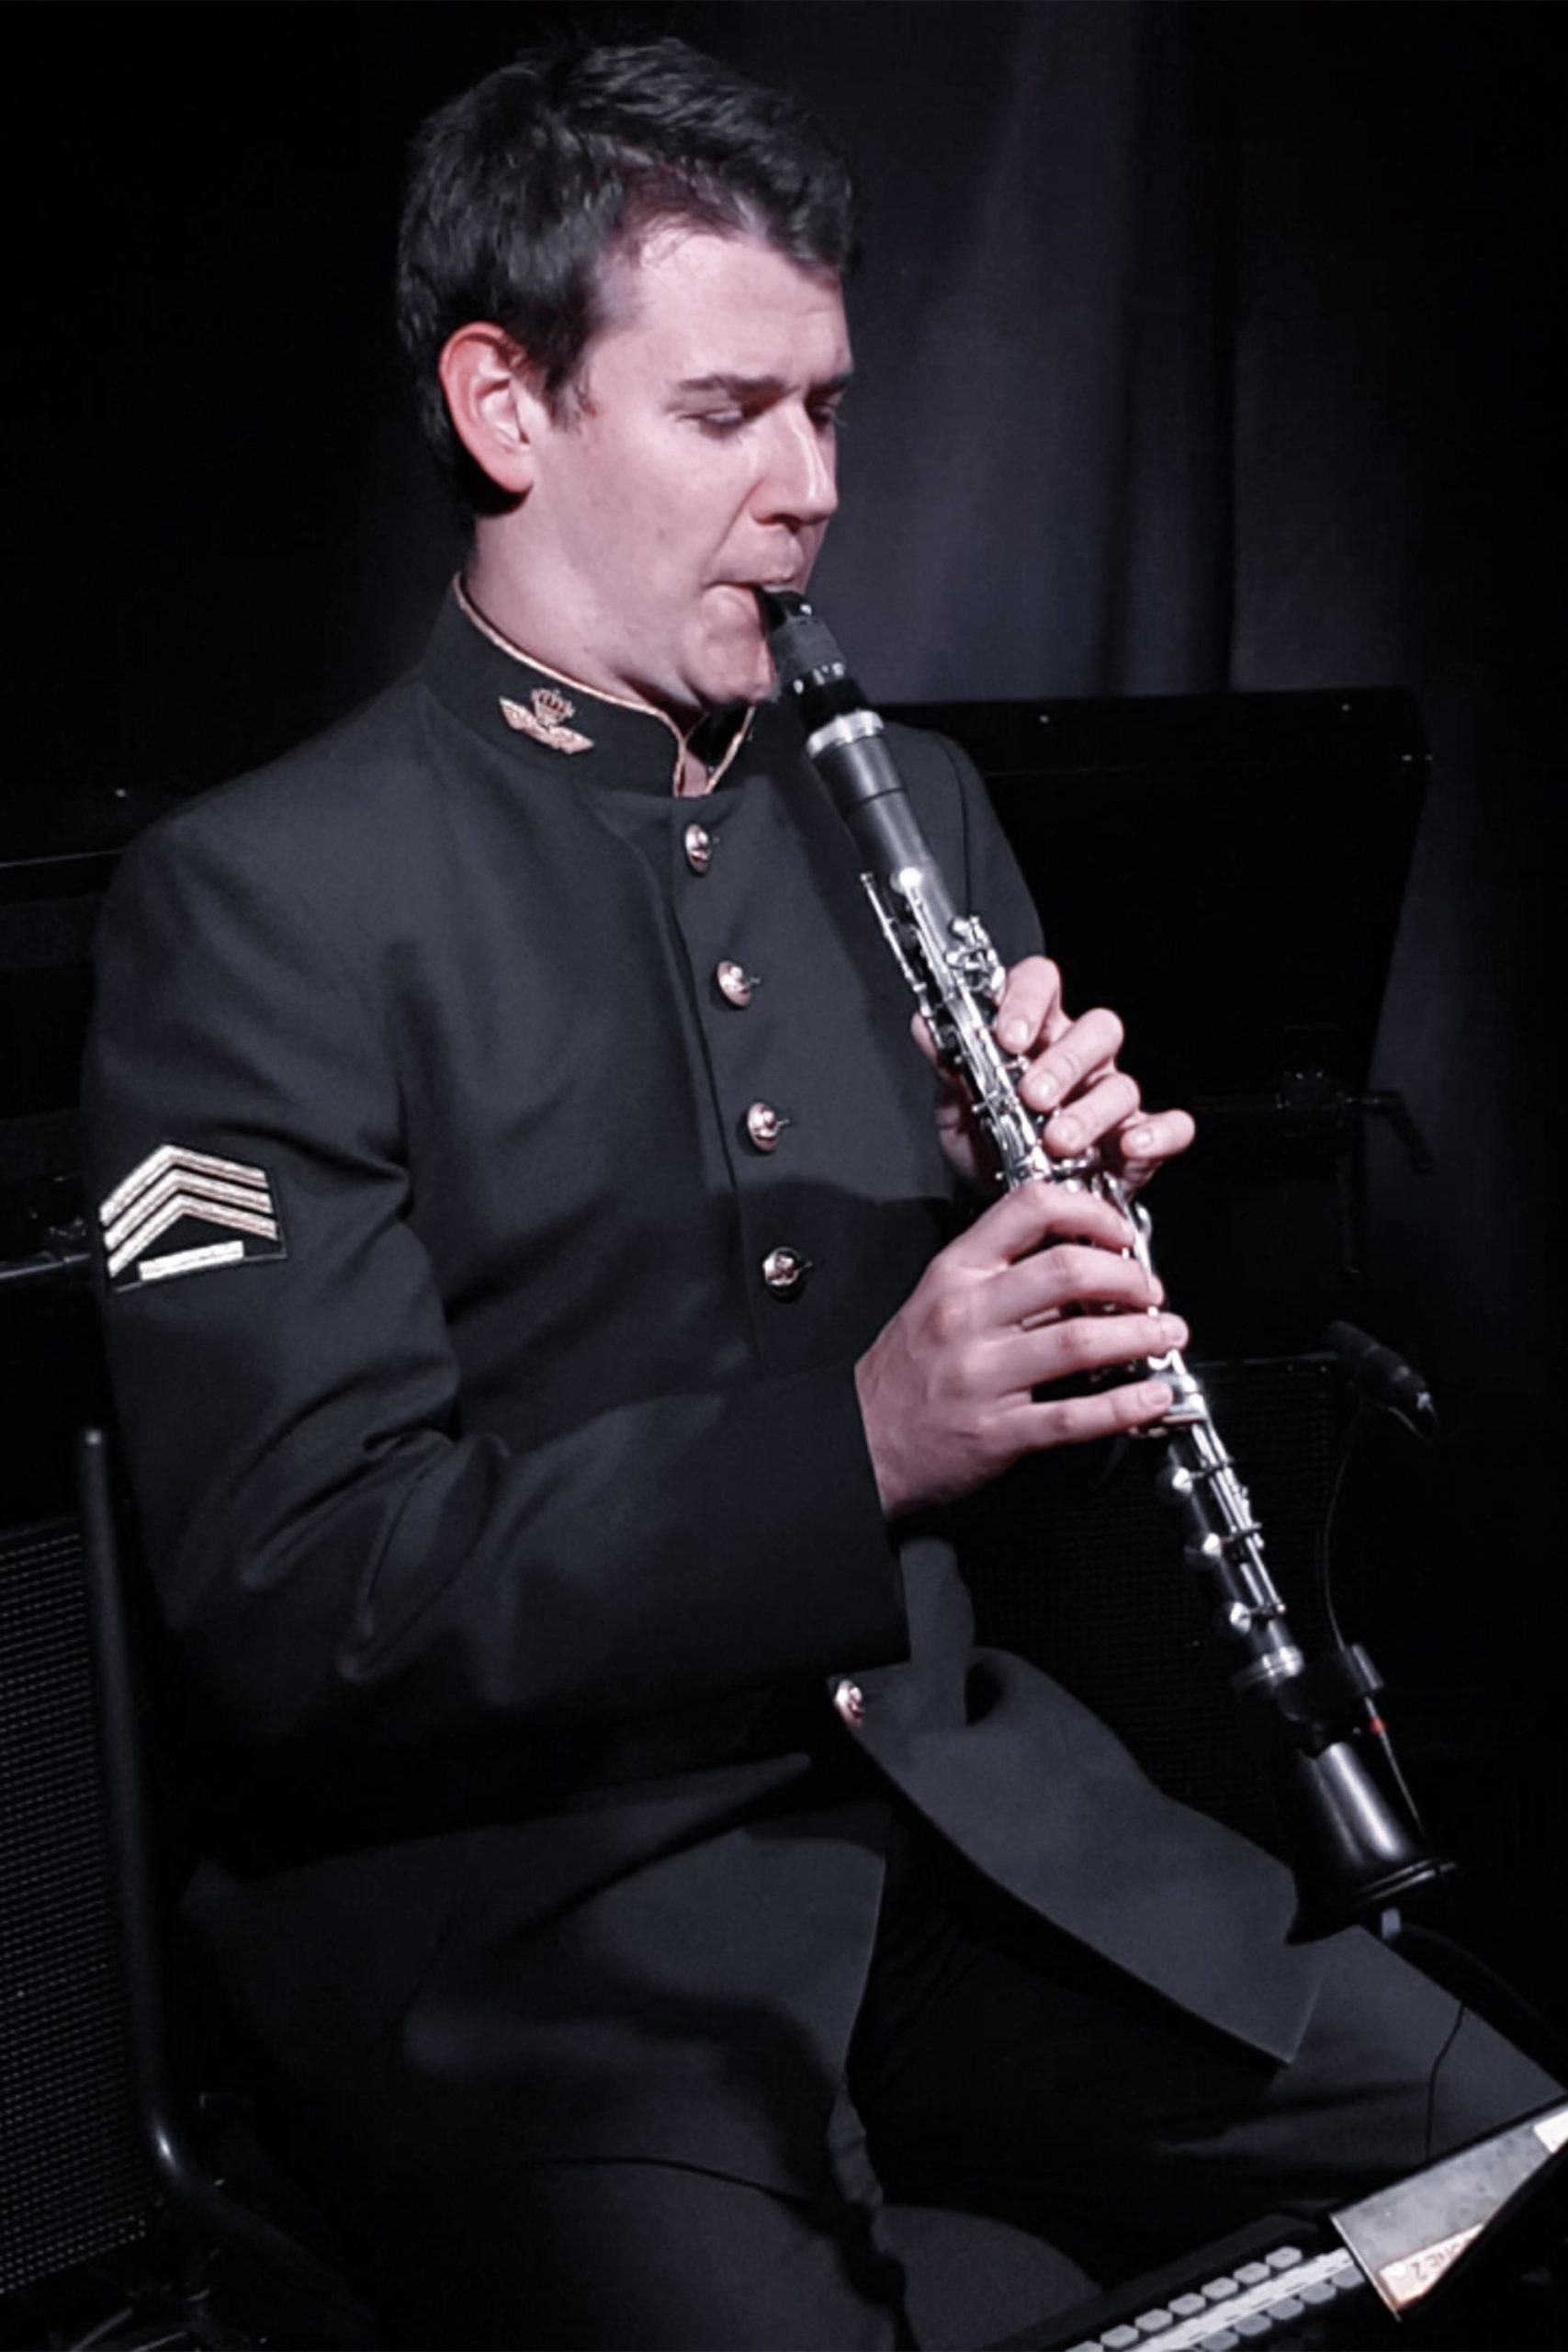 Simon Karremans